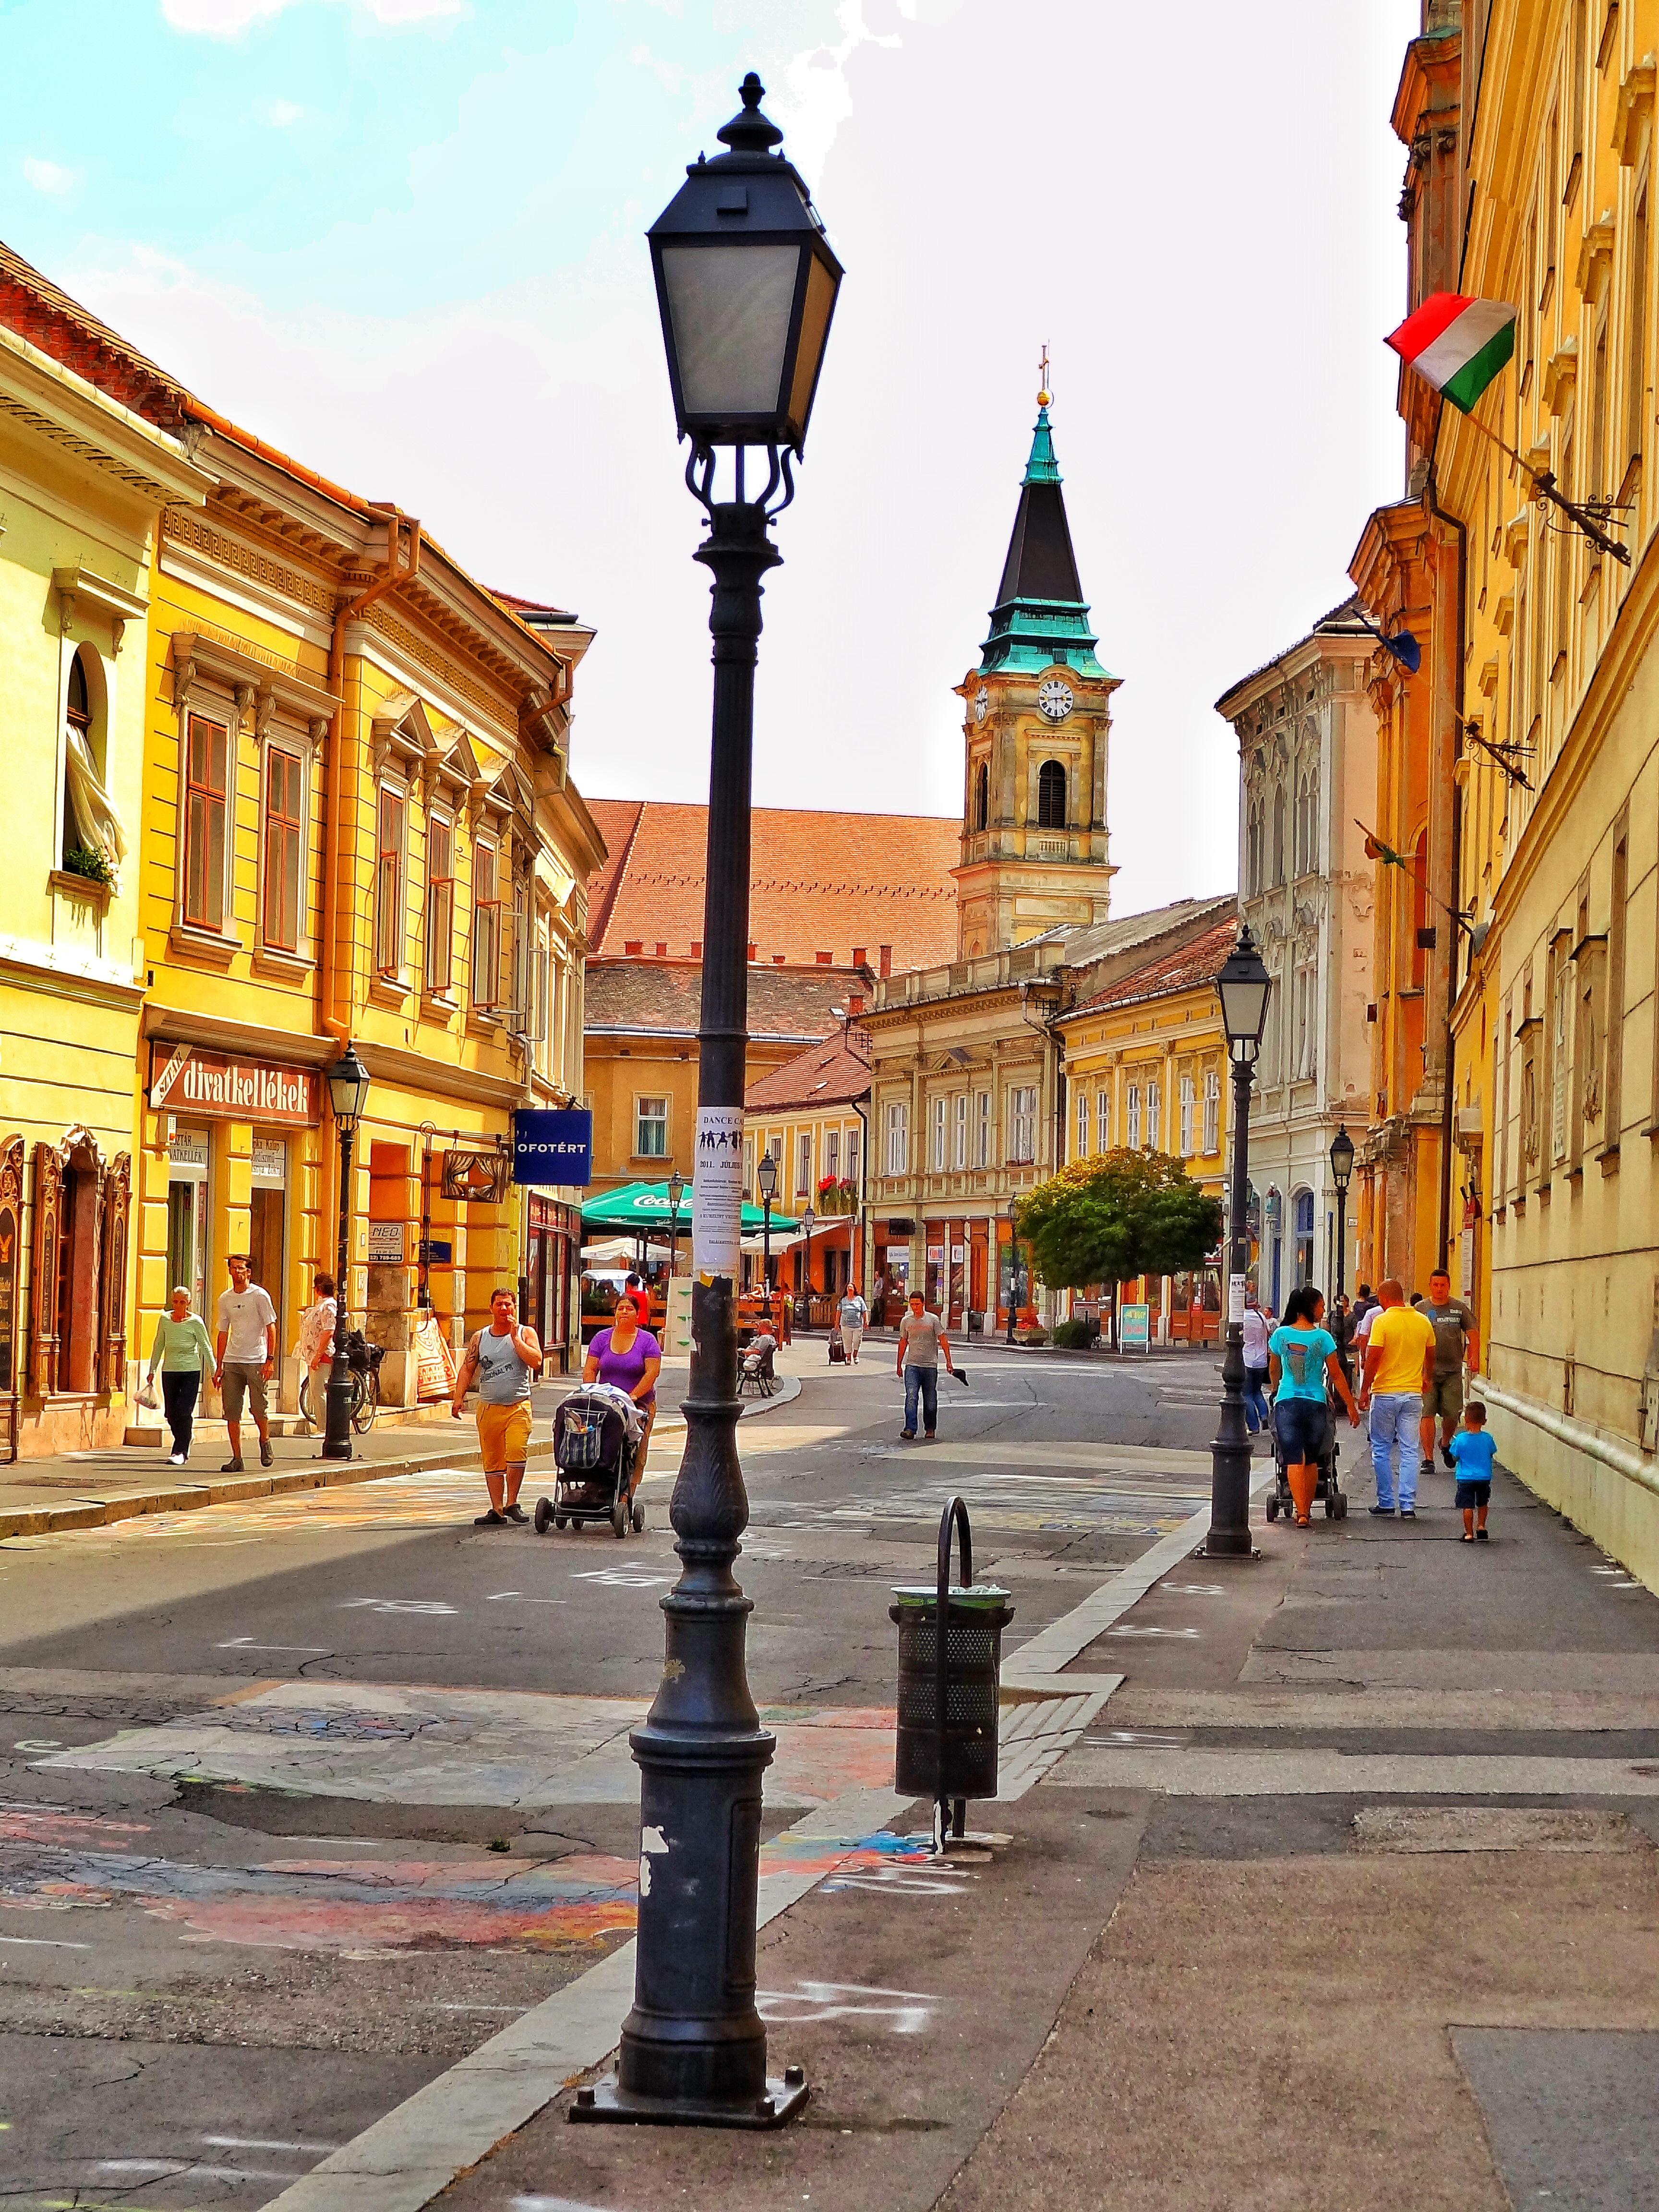 szekesfehervar guys Webbplats: wwwszekesfehervarhu: en staty av wathay ferenc stadens katedral  men blev inte huvudstad igen eftersom landet nu var under habsburgerna,.